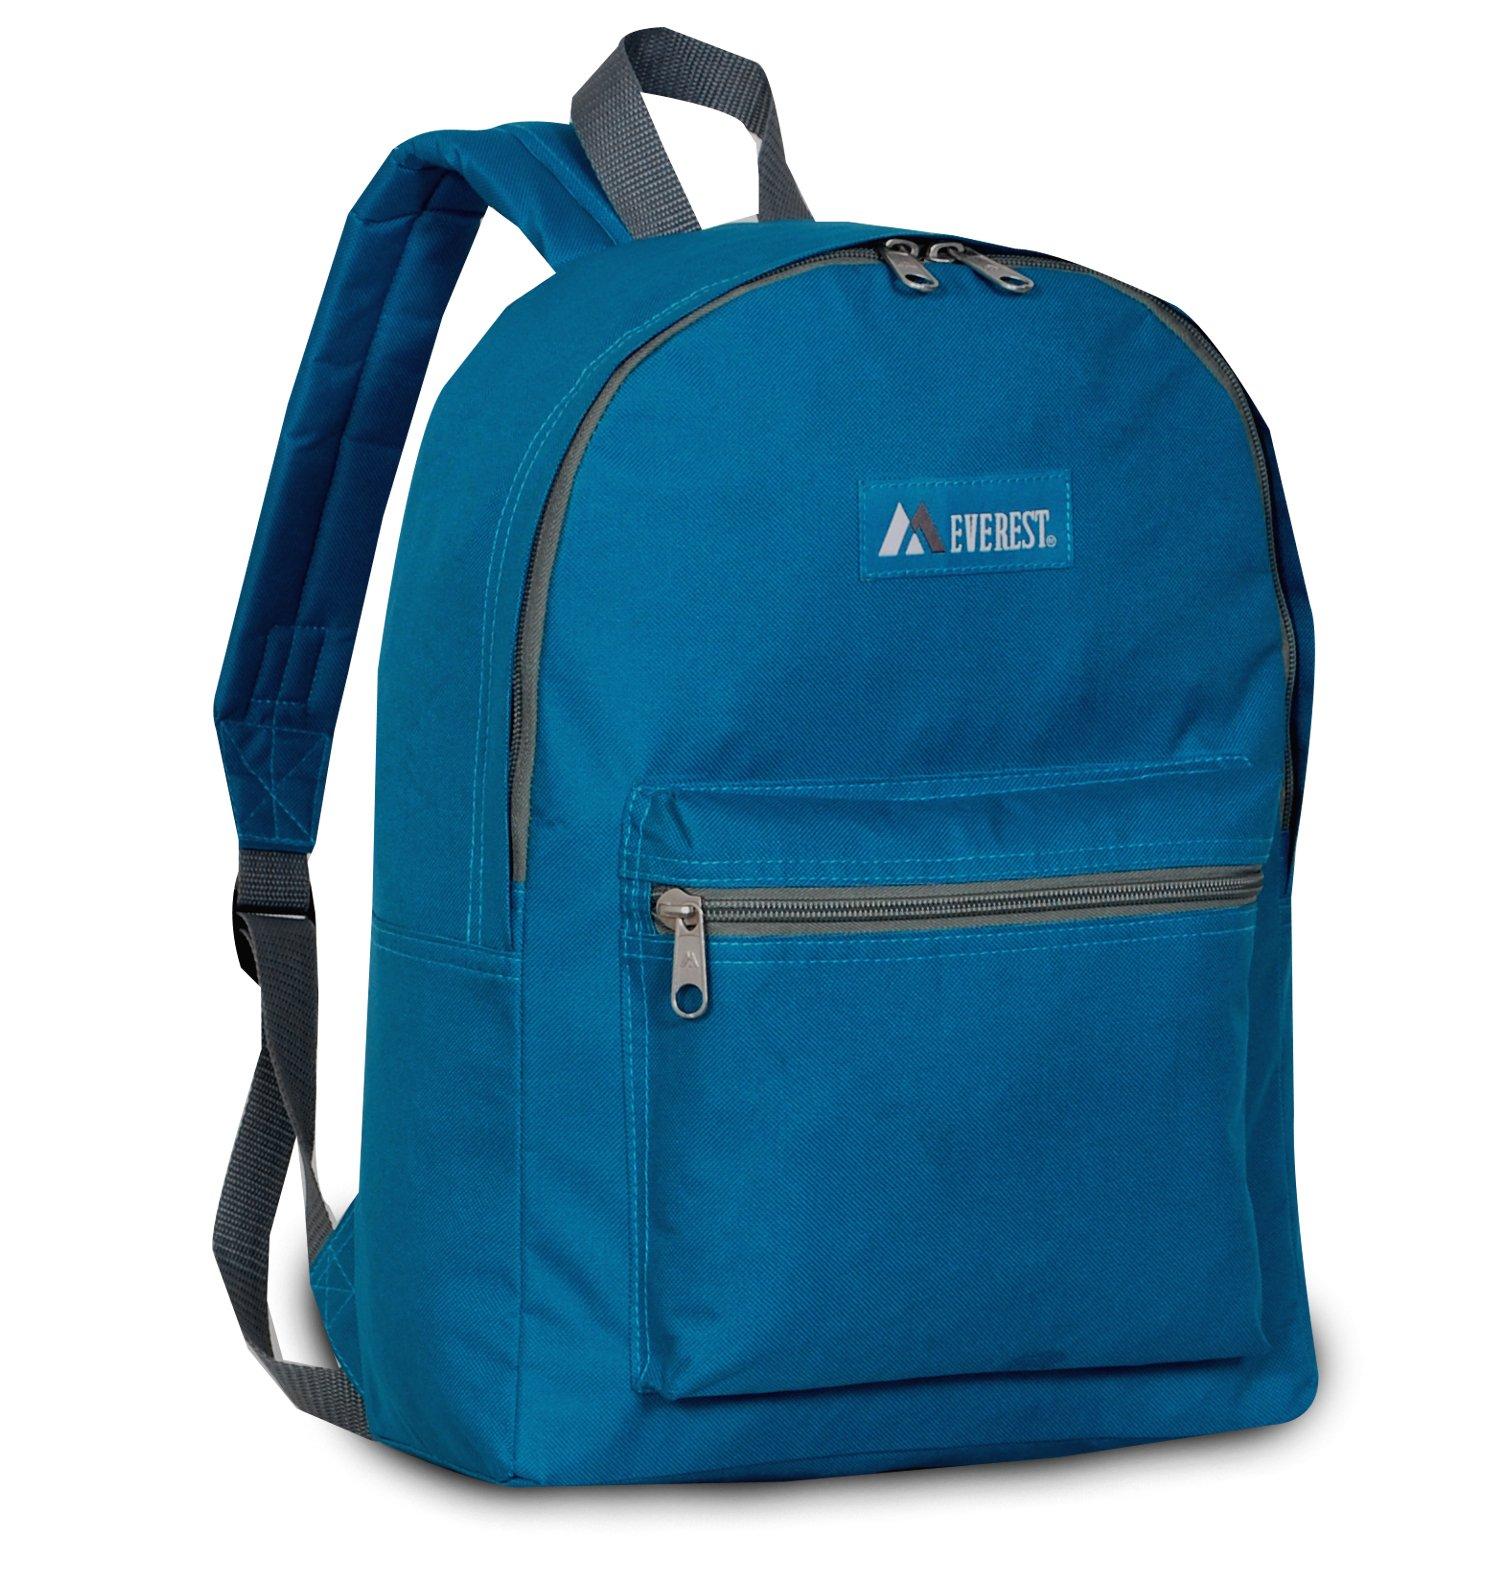 Everest Basic Backpack, Dark Teal, One Size